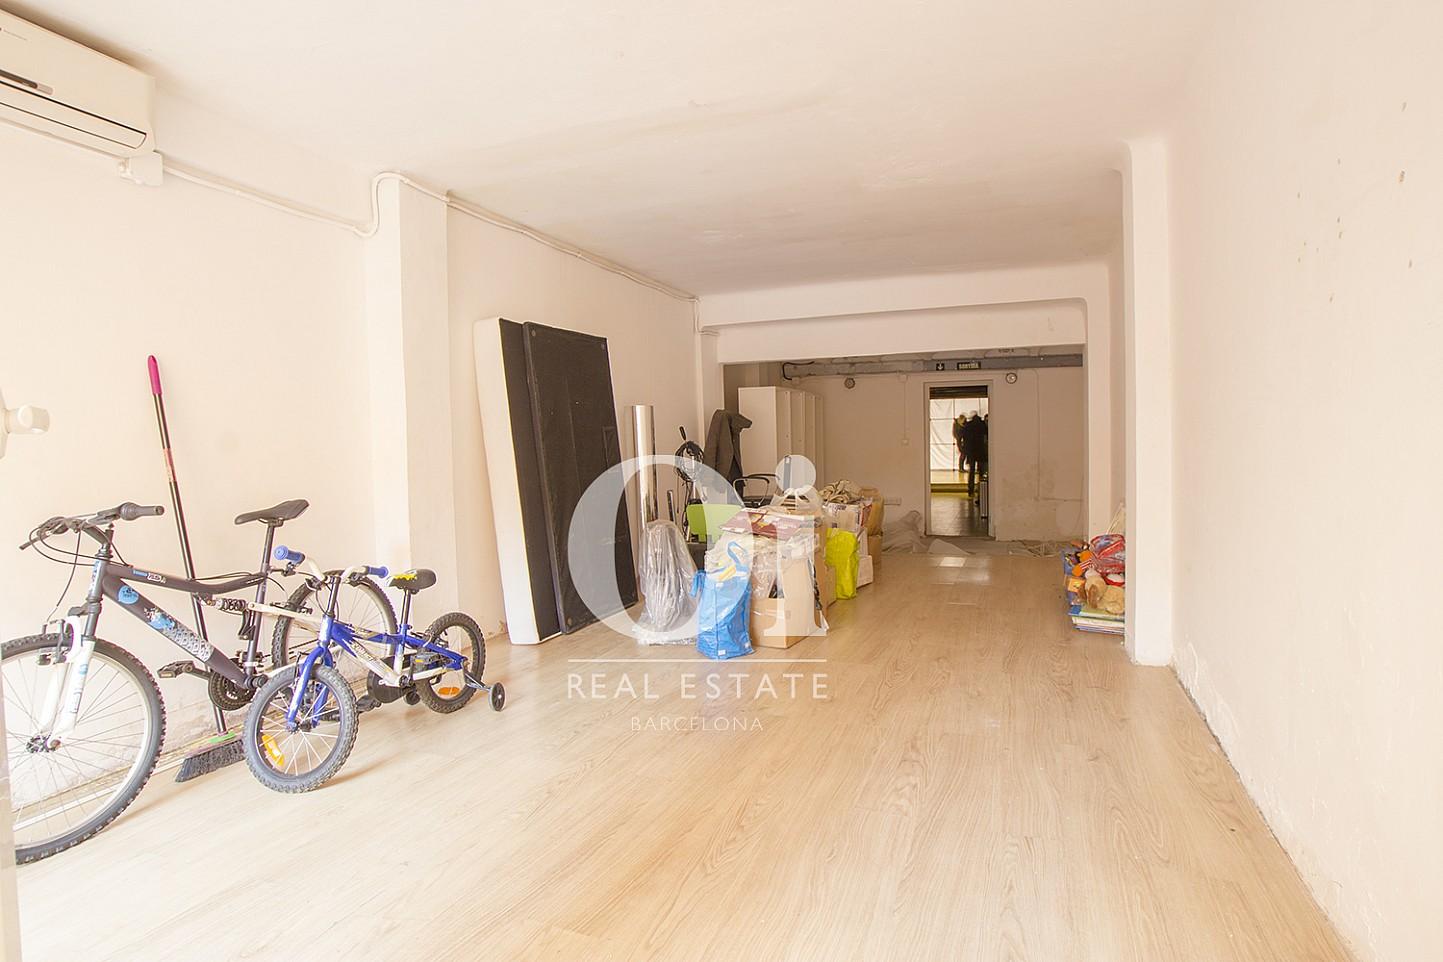 Garaje de piso dúplex en venta en Poblenou, Barcelona